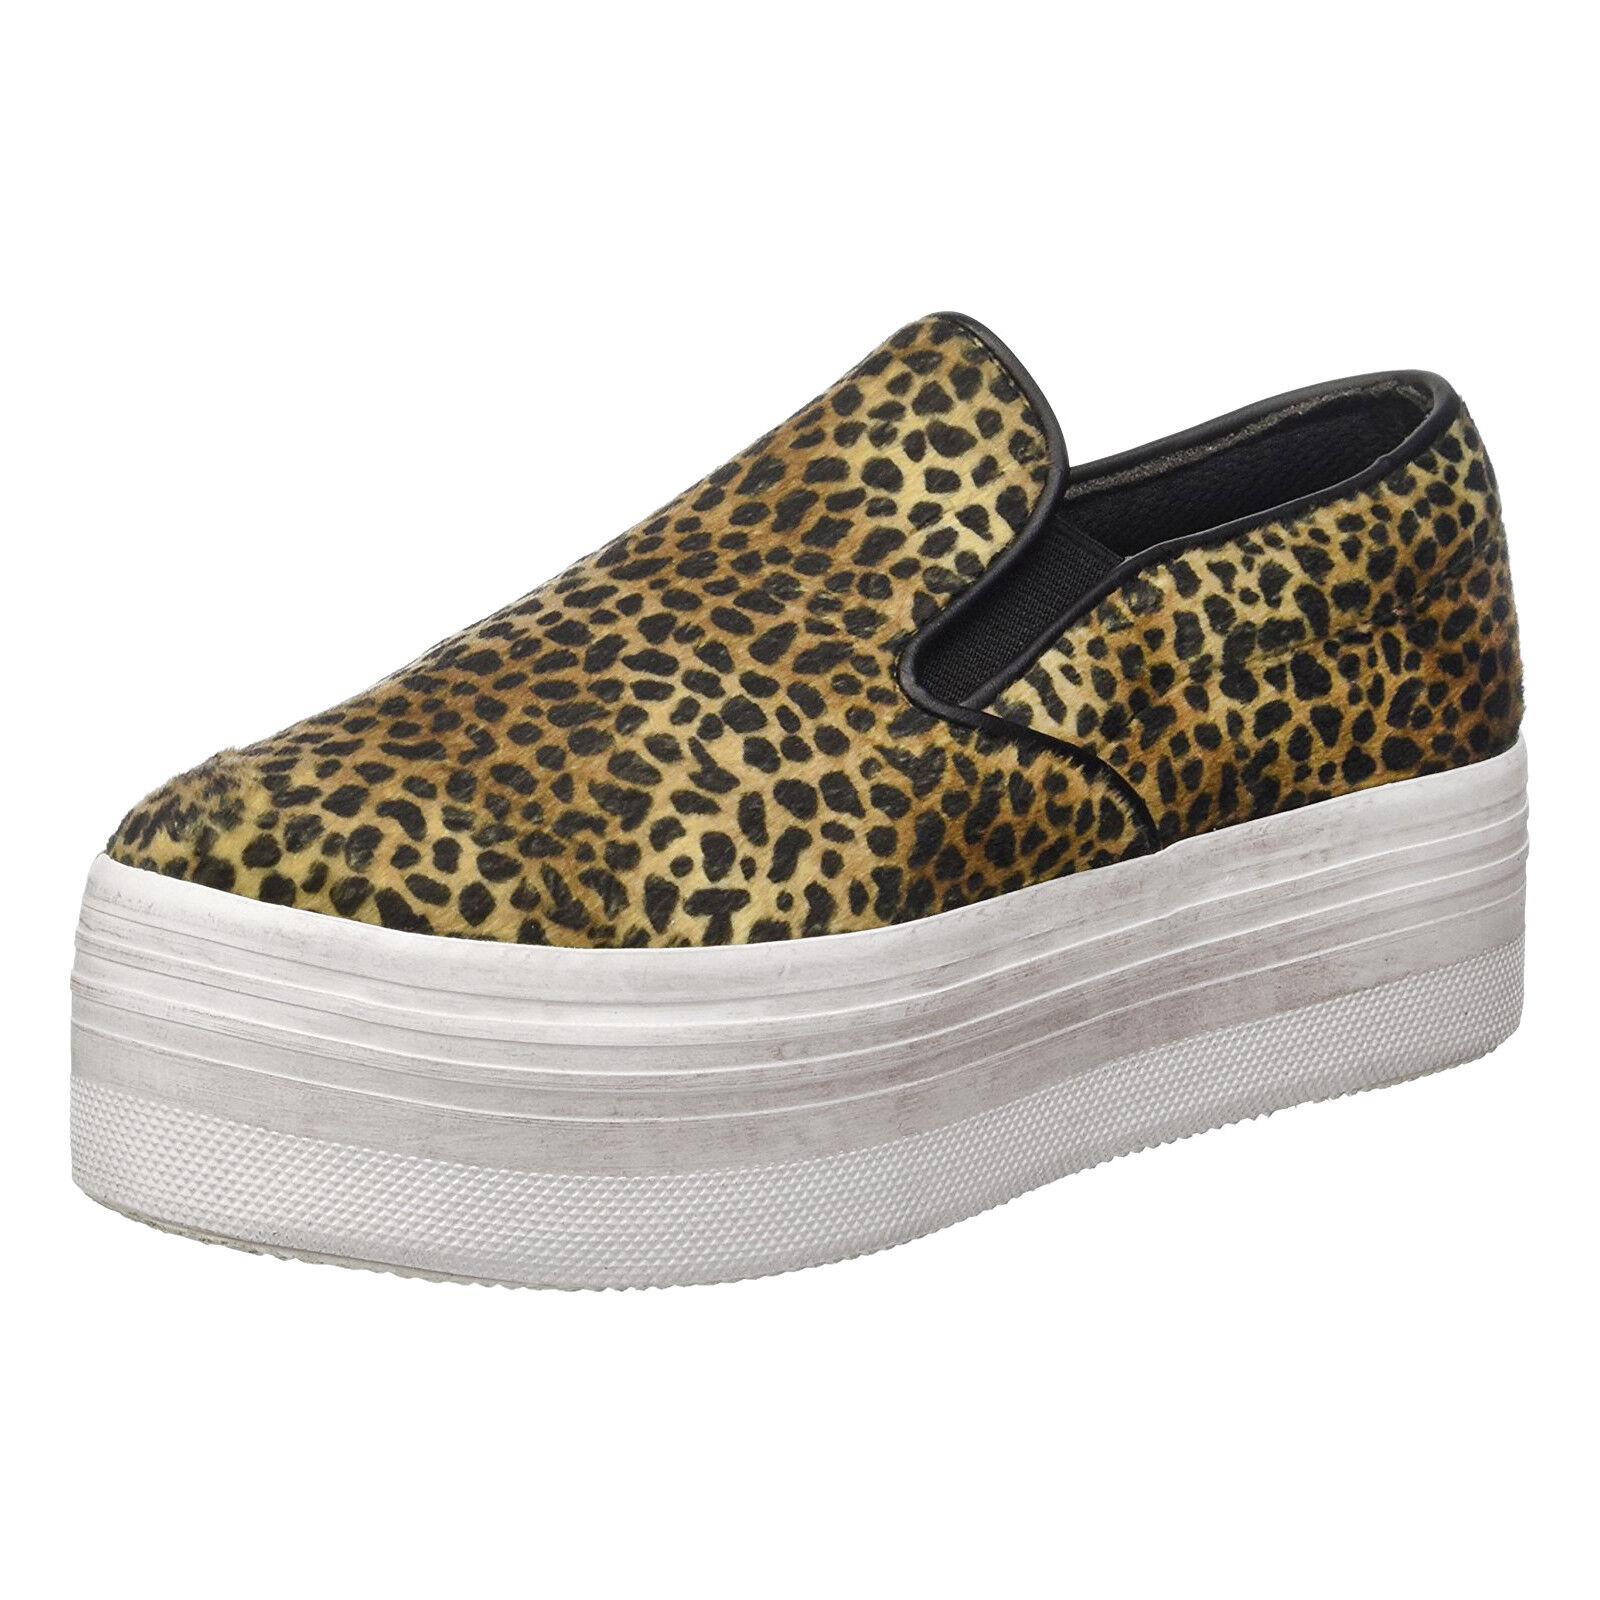 JEFFREY CAMPBELL chaussures pour femmes JC PLAY WTF PONY LEO BRUN noir léopard